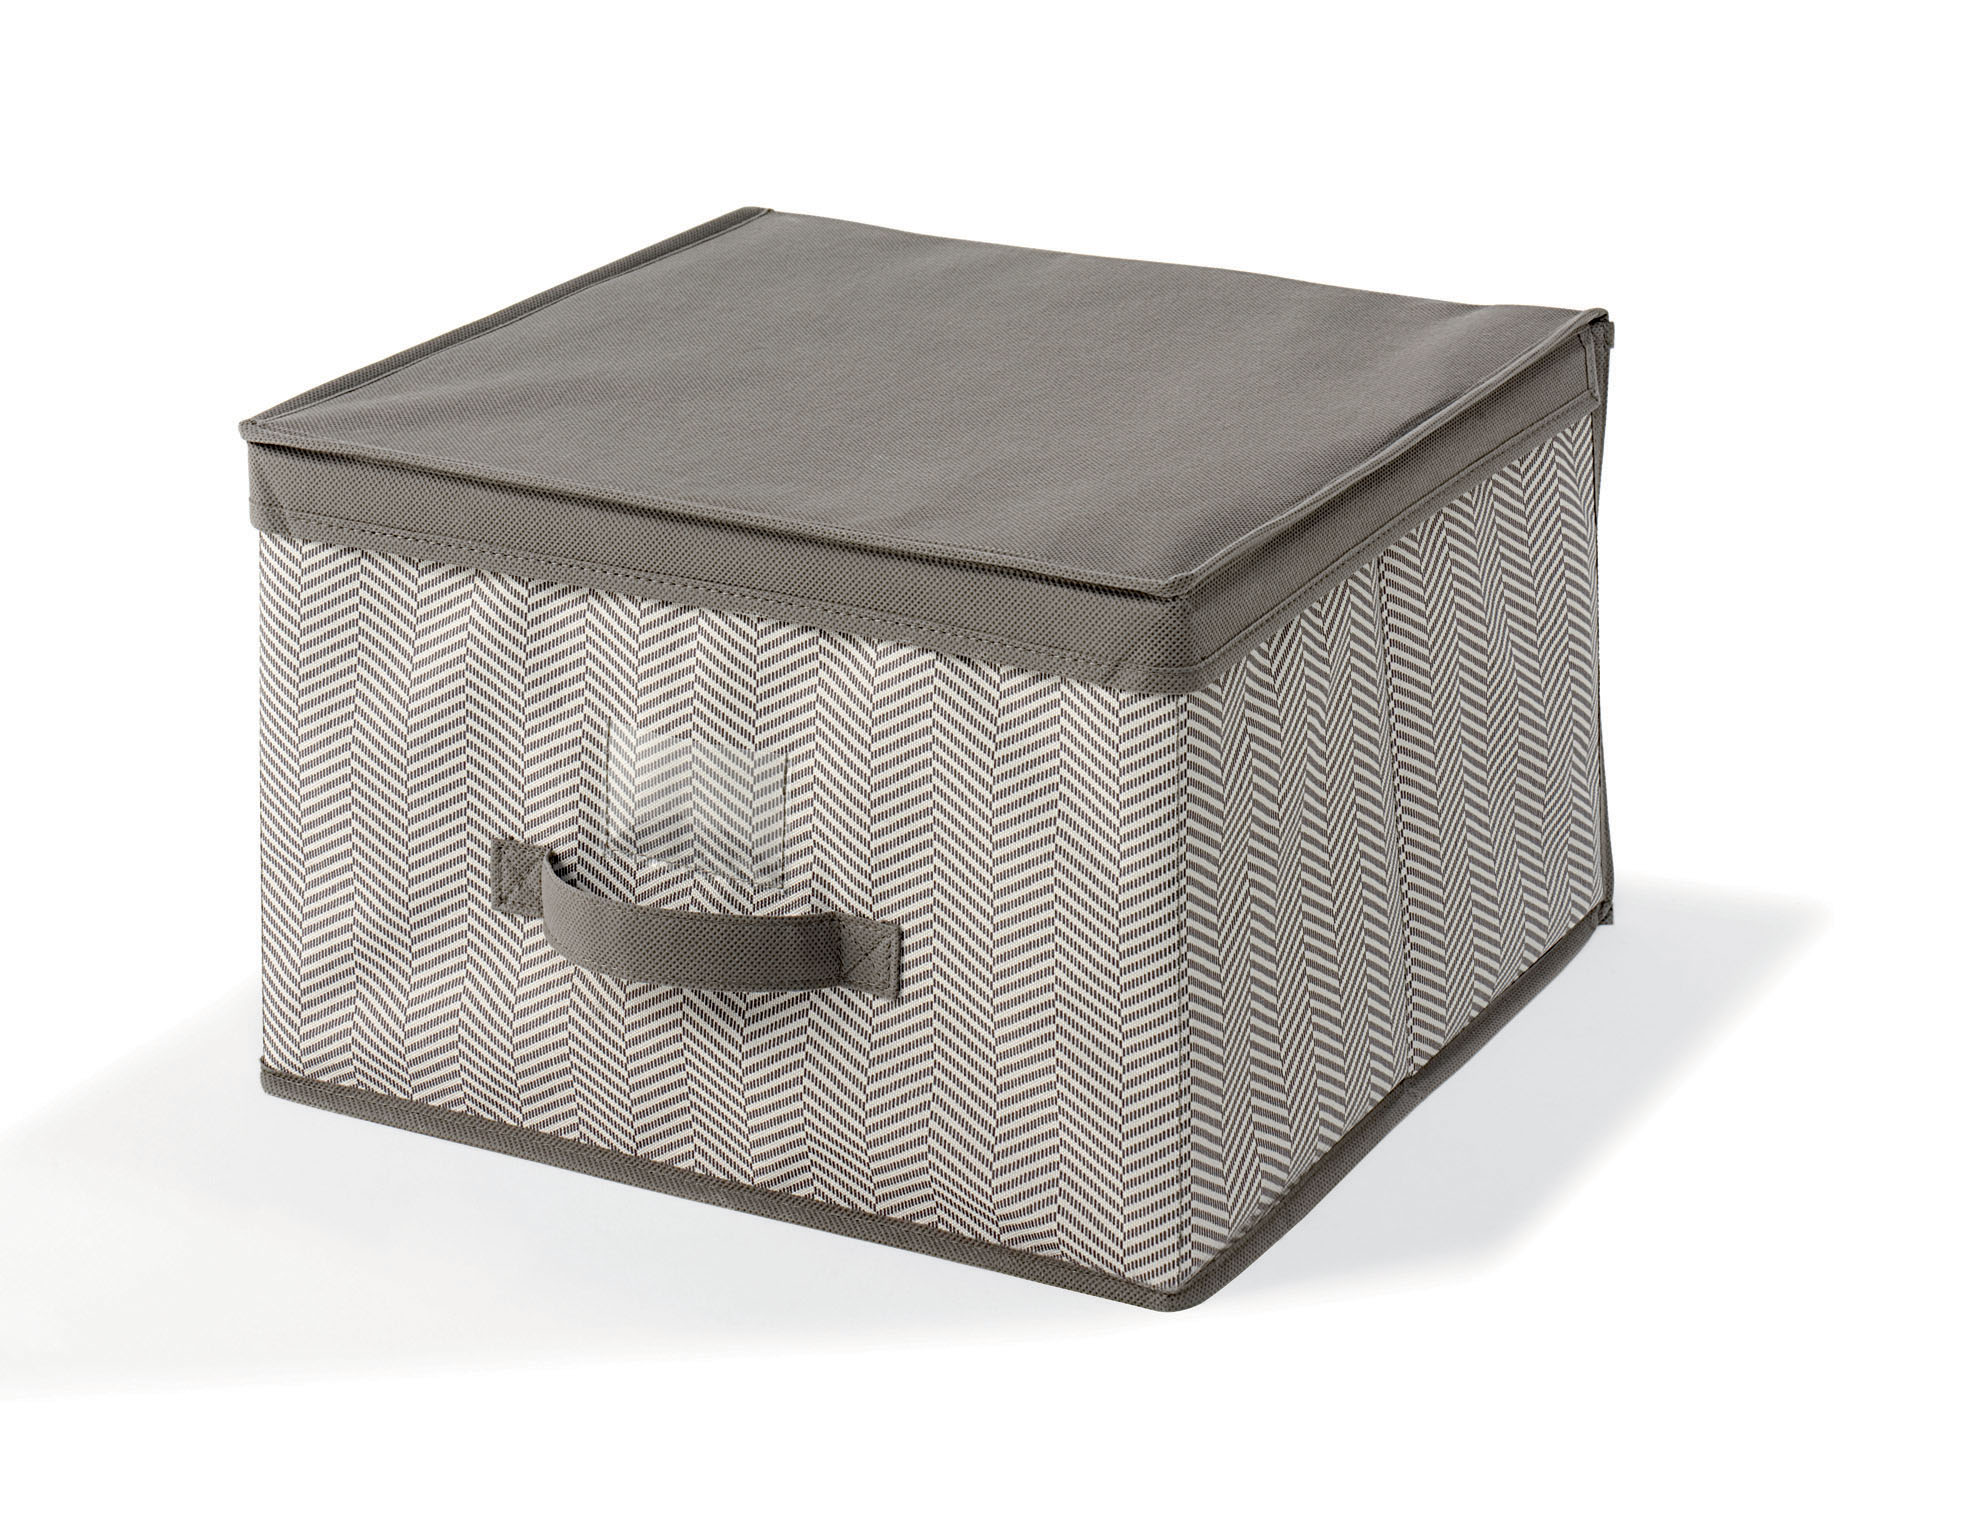 Caja de tela mediana 40 40 25cm orden en casa - Cajas de ordenacion ...